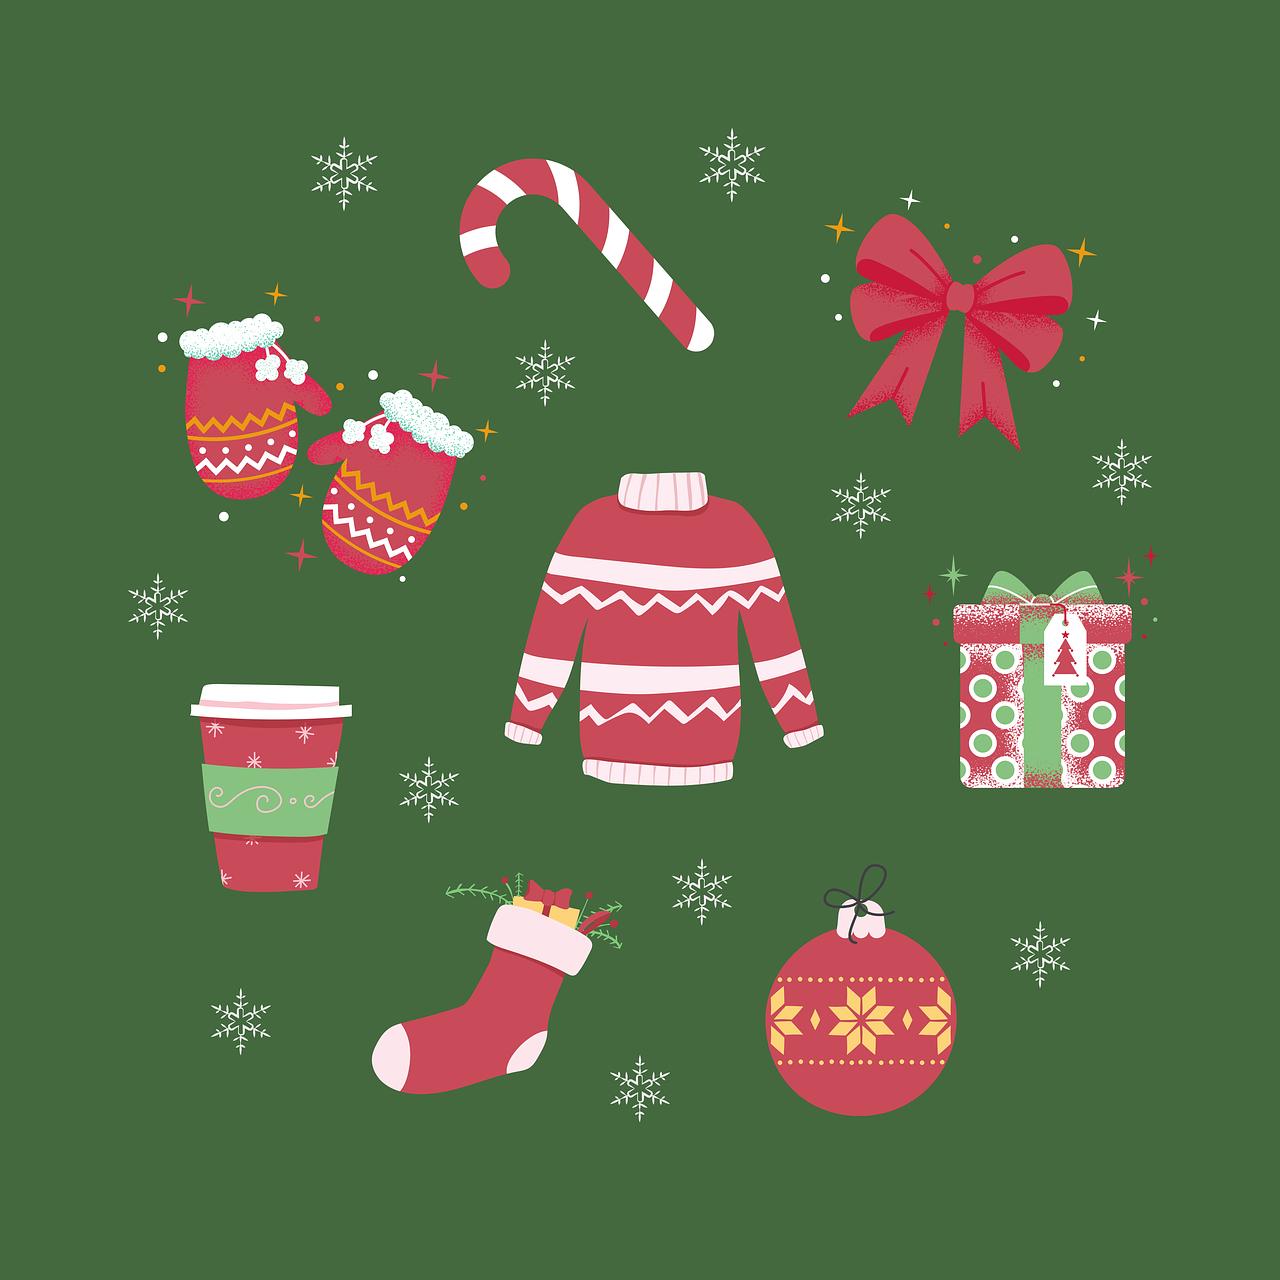 xmas humbugs and gifts